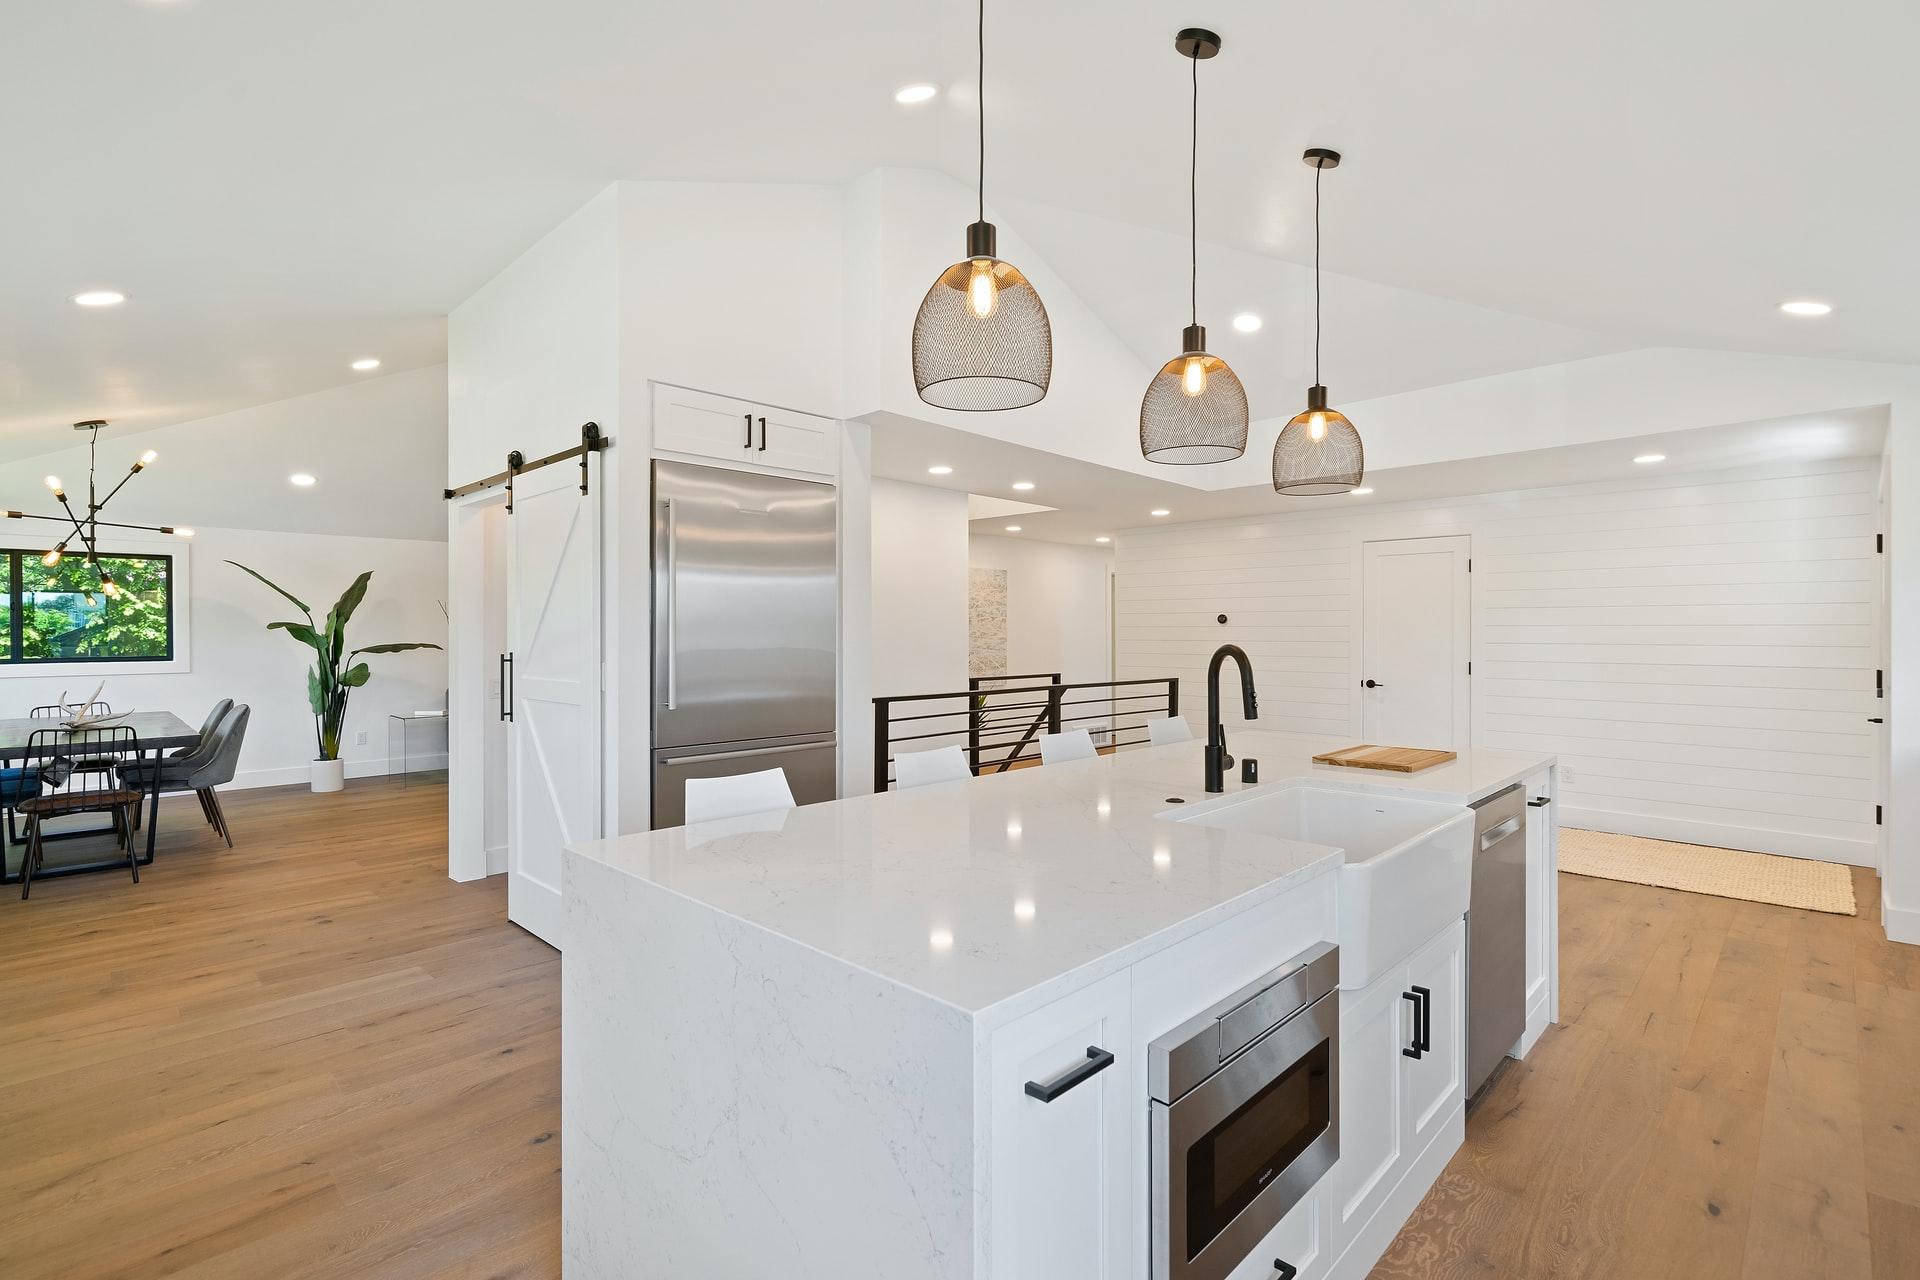 大成建設ハウジングで家を建てた人の本音の評判・口コミを暴露!坪単価や特徴・注意点まで分かる完全ガイド